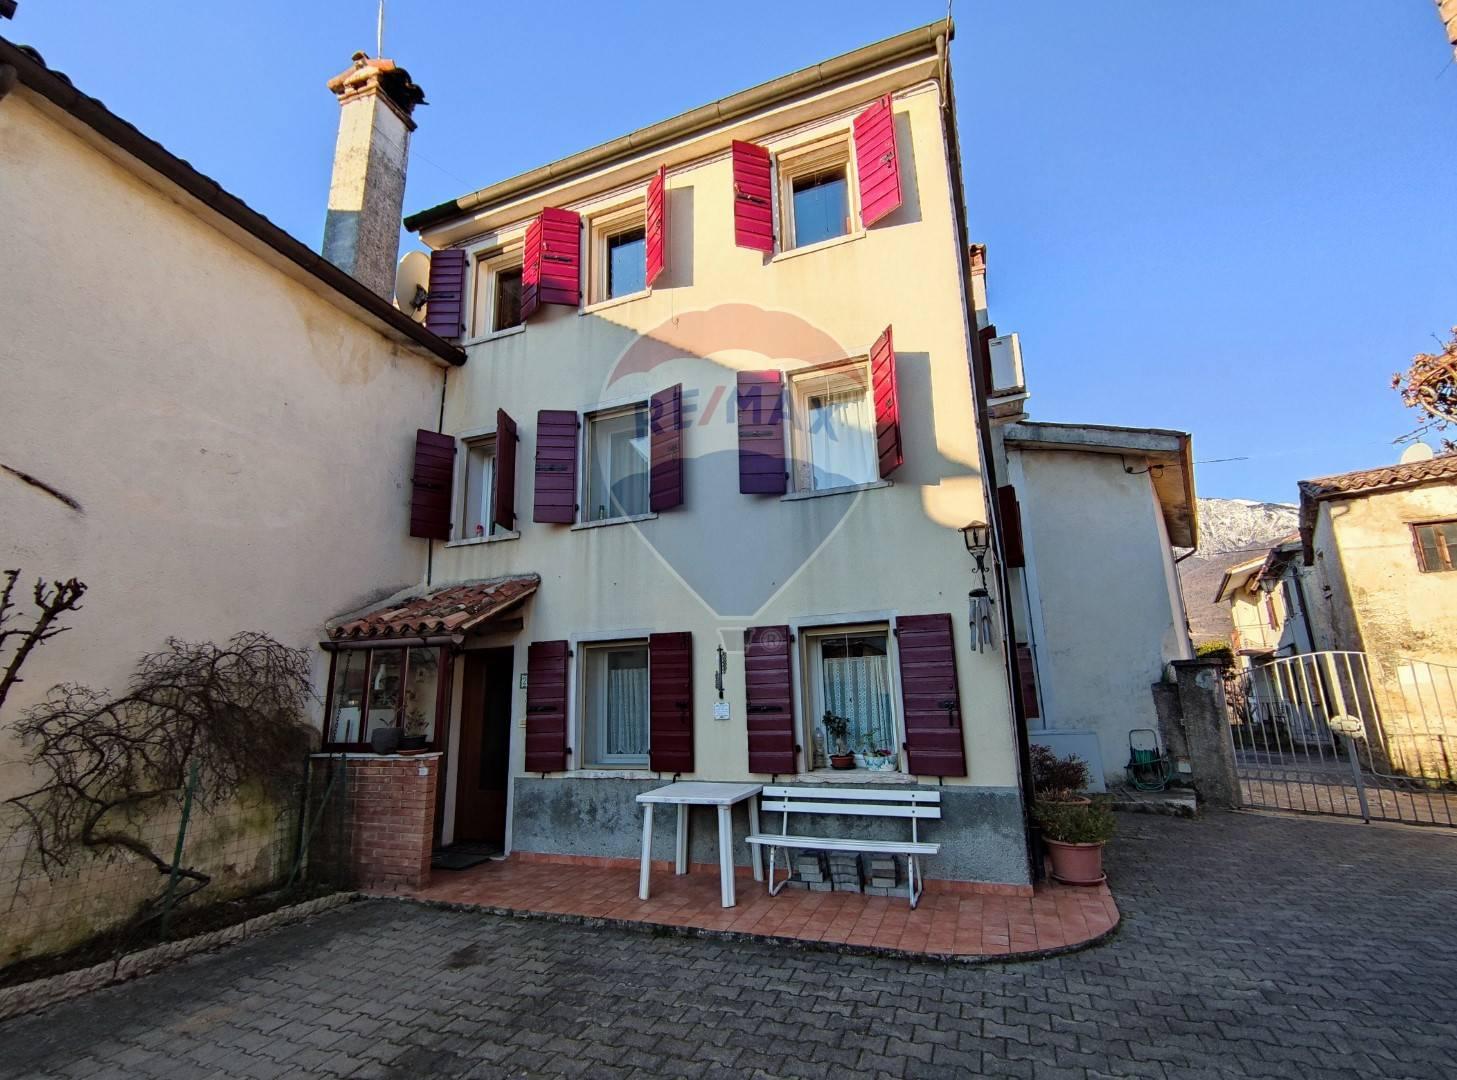 Soluzione Indipendente in vendita a Possagno, 4 locali, prezzo € 110.000 | CambioCasa.it